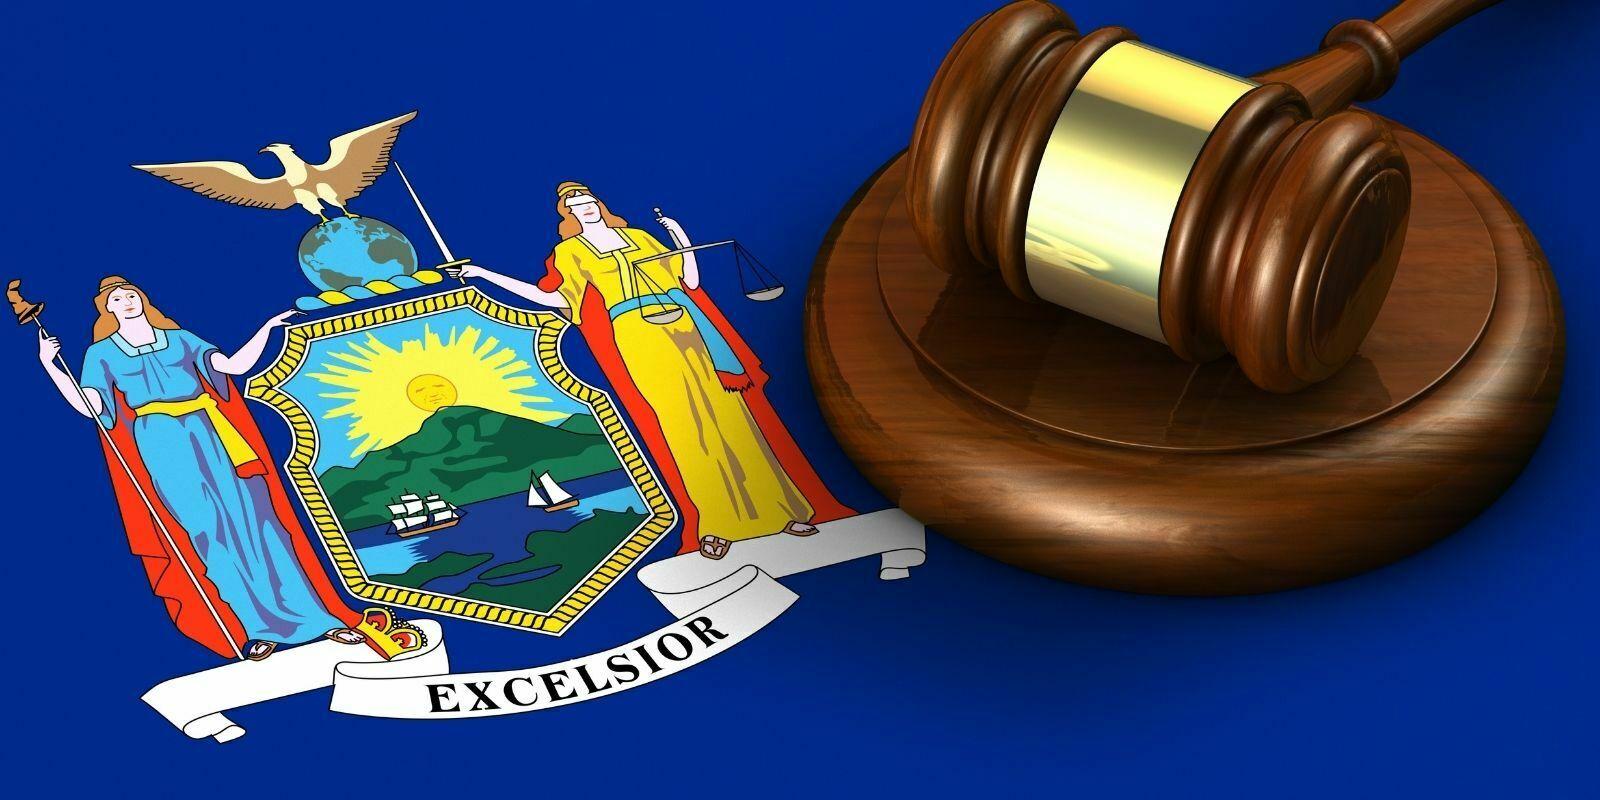 Bitfinex, Tether (USDT) concluent un accord avec l'État de New York et s'acquittent d'une amende de 18,5M$